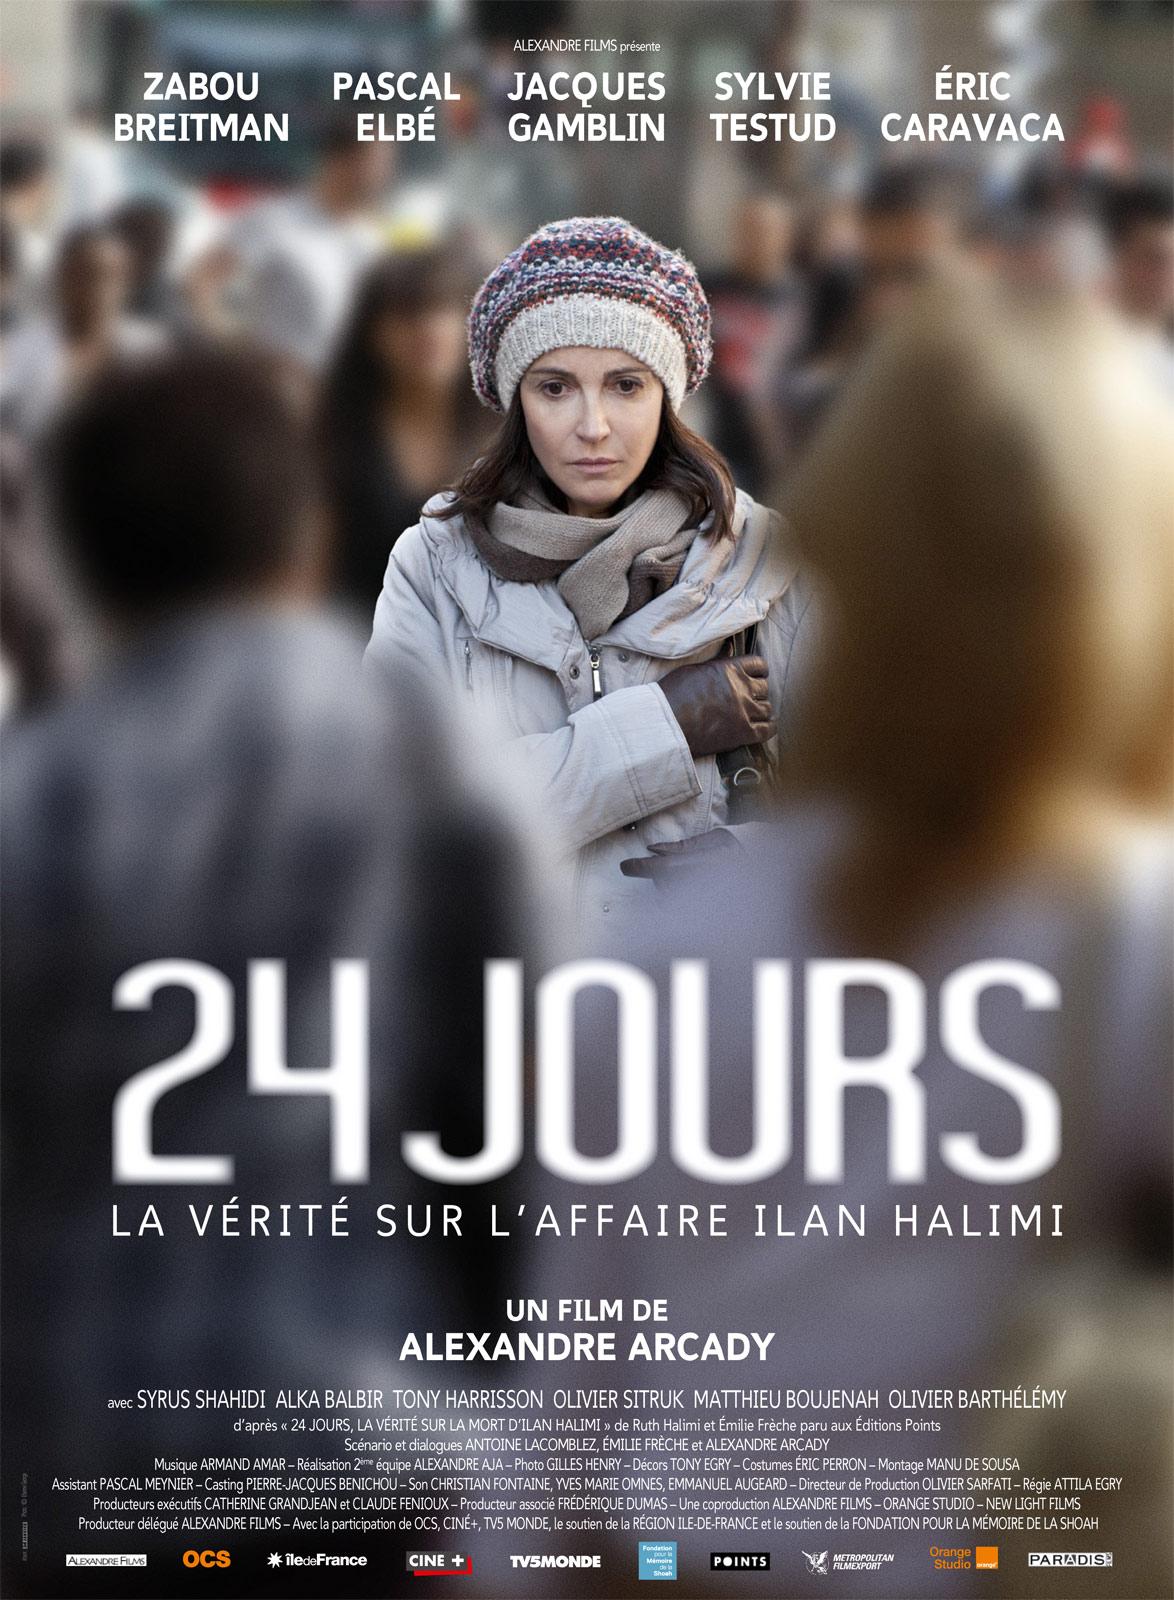 [UL.TO]    24 jours, la vérité sur l'affaire Ilan Halimi    FR XVID  [DVDRIP]